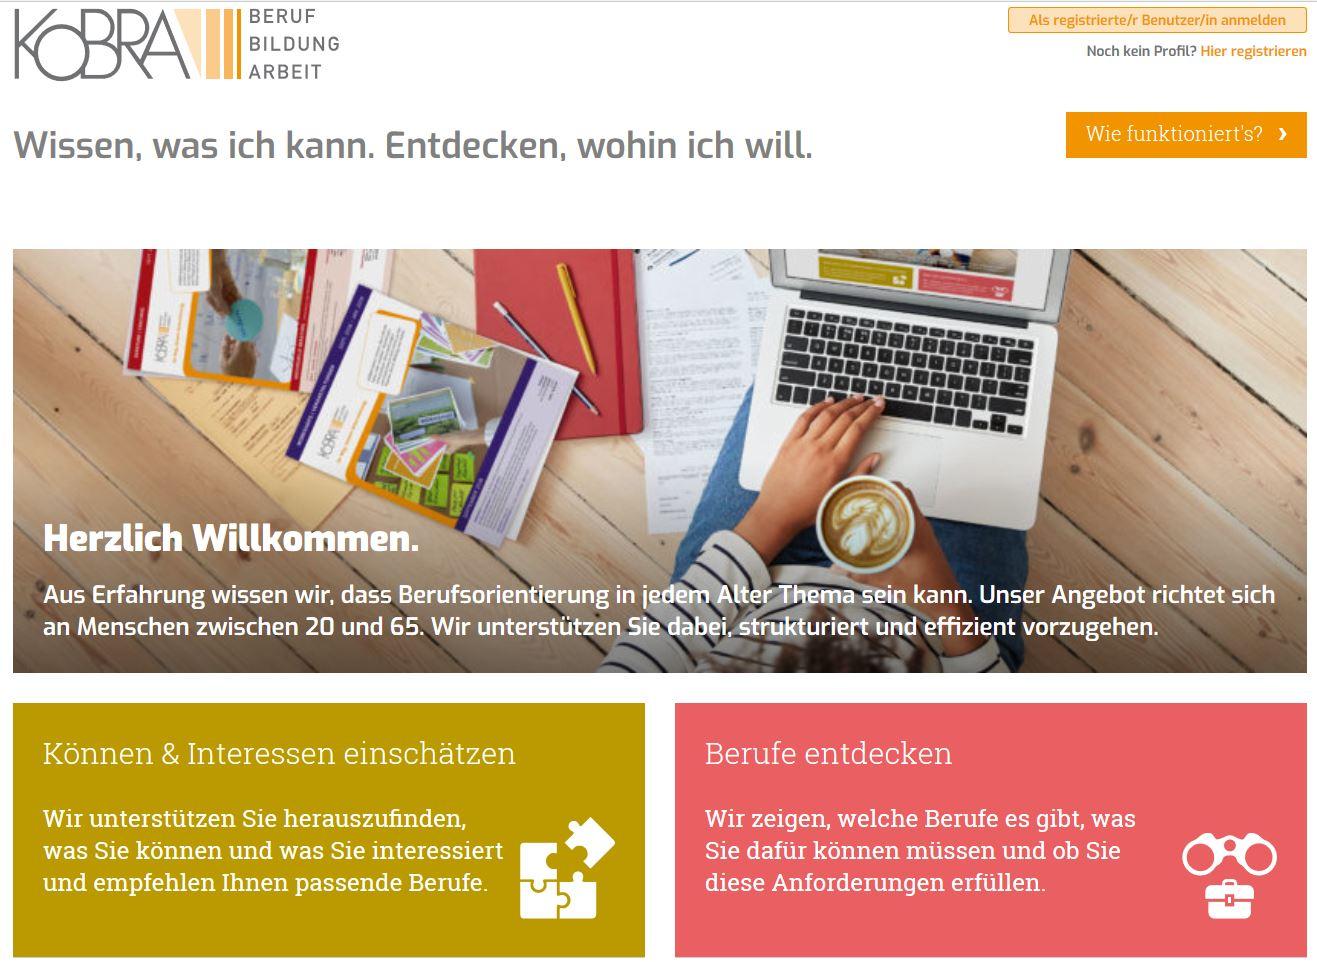 Hier geht es zur Webseite wissen-was-ich-kann.de